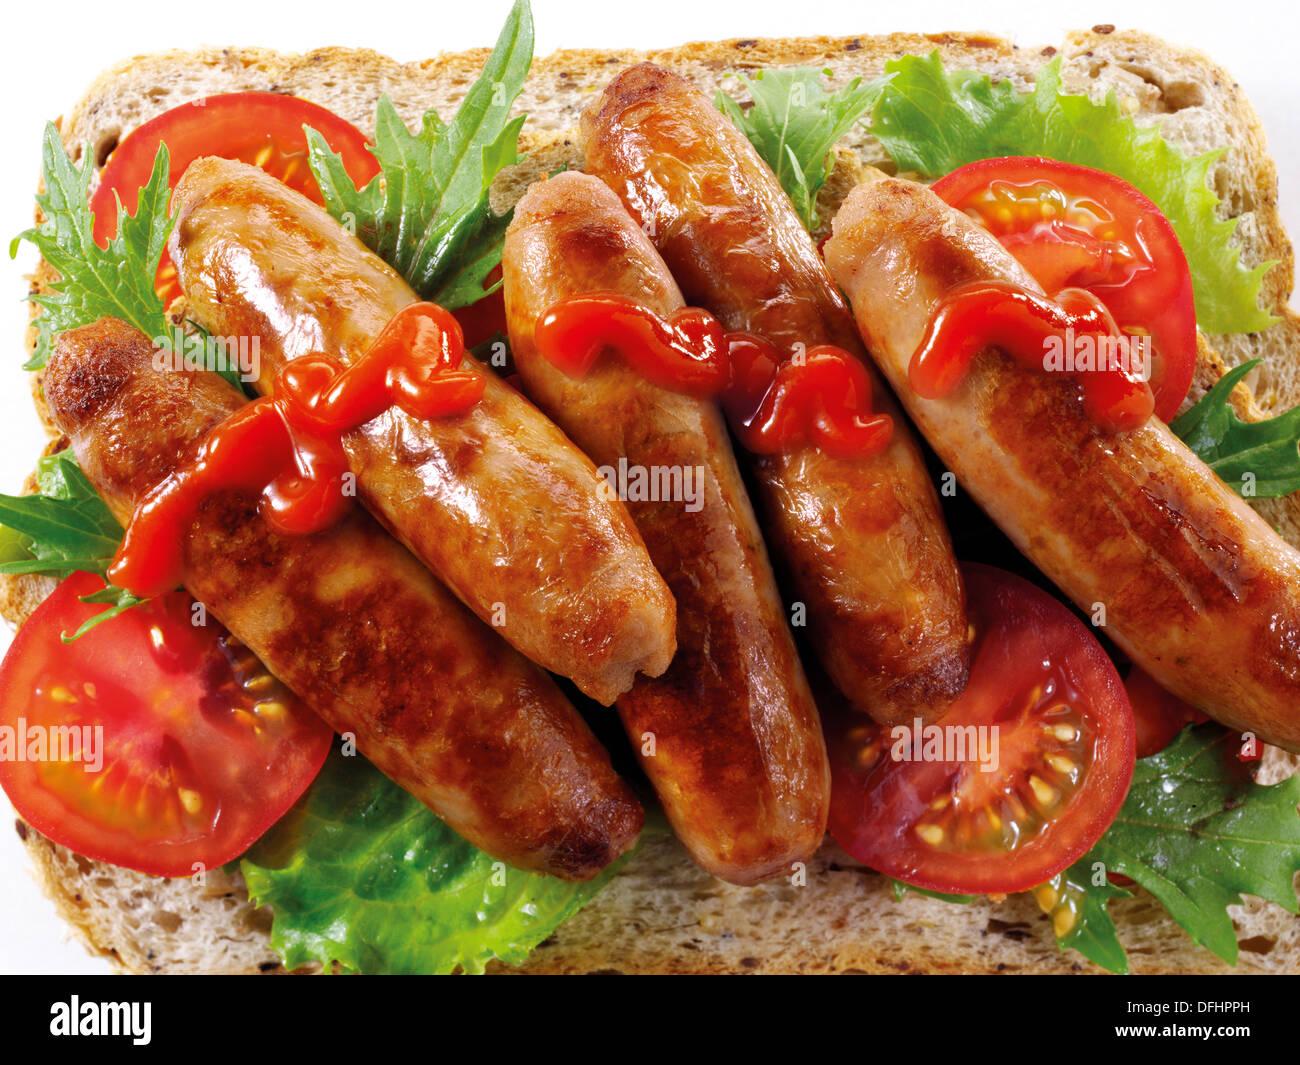 Sándwich de salchicha - comida británica Imagen De Stock